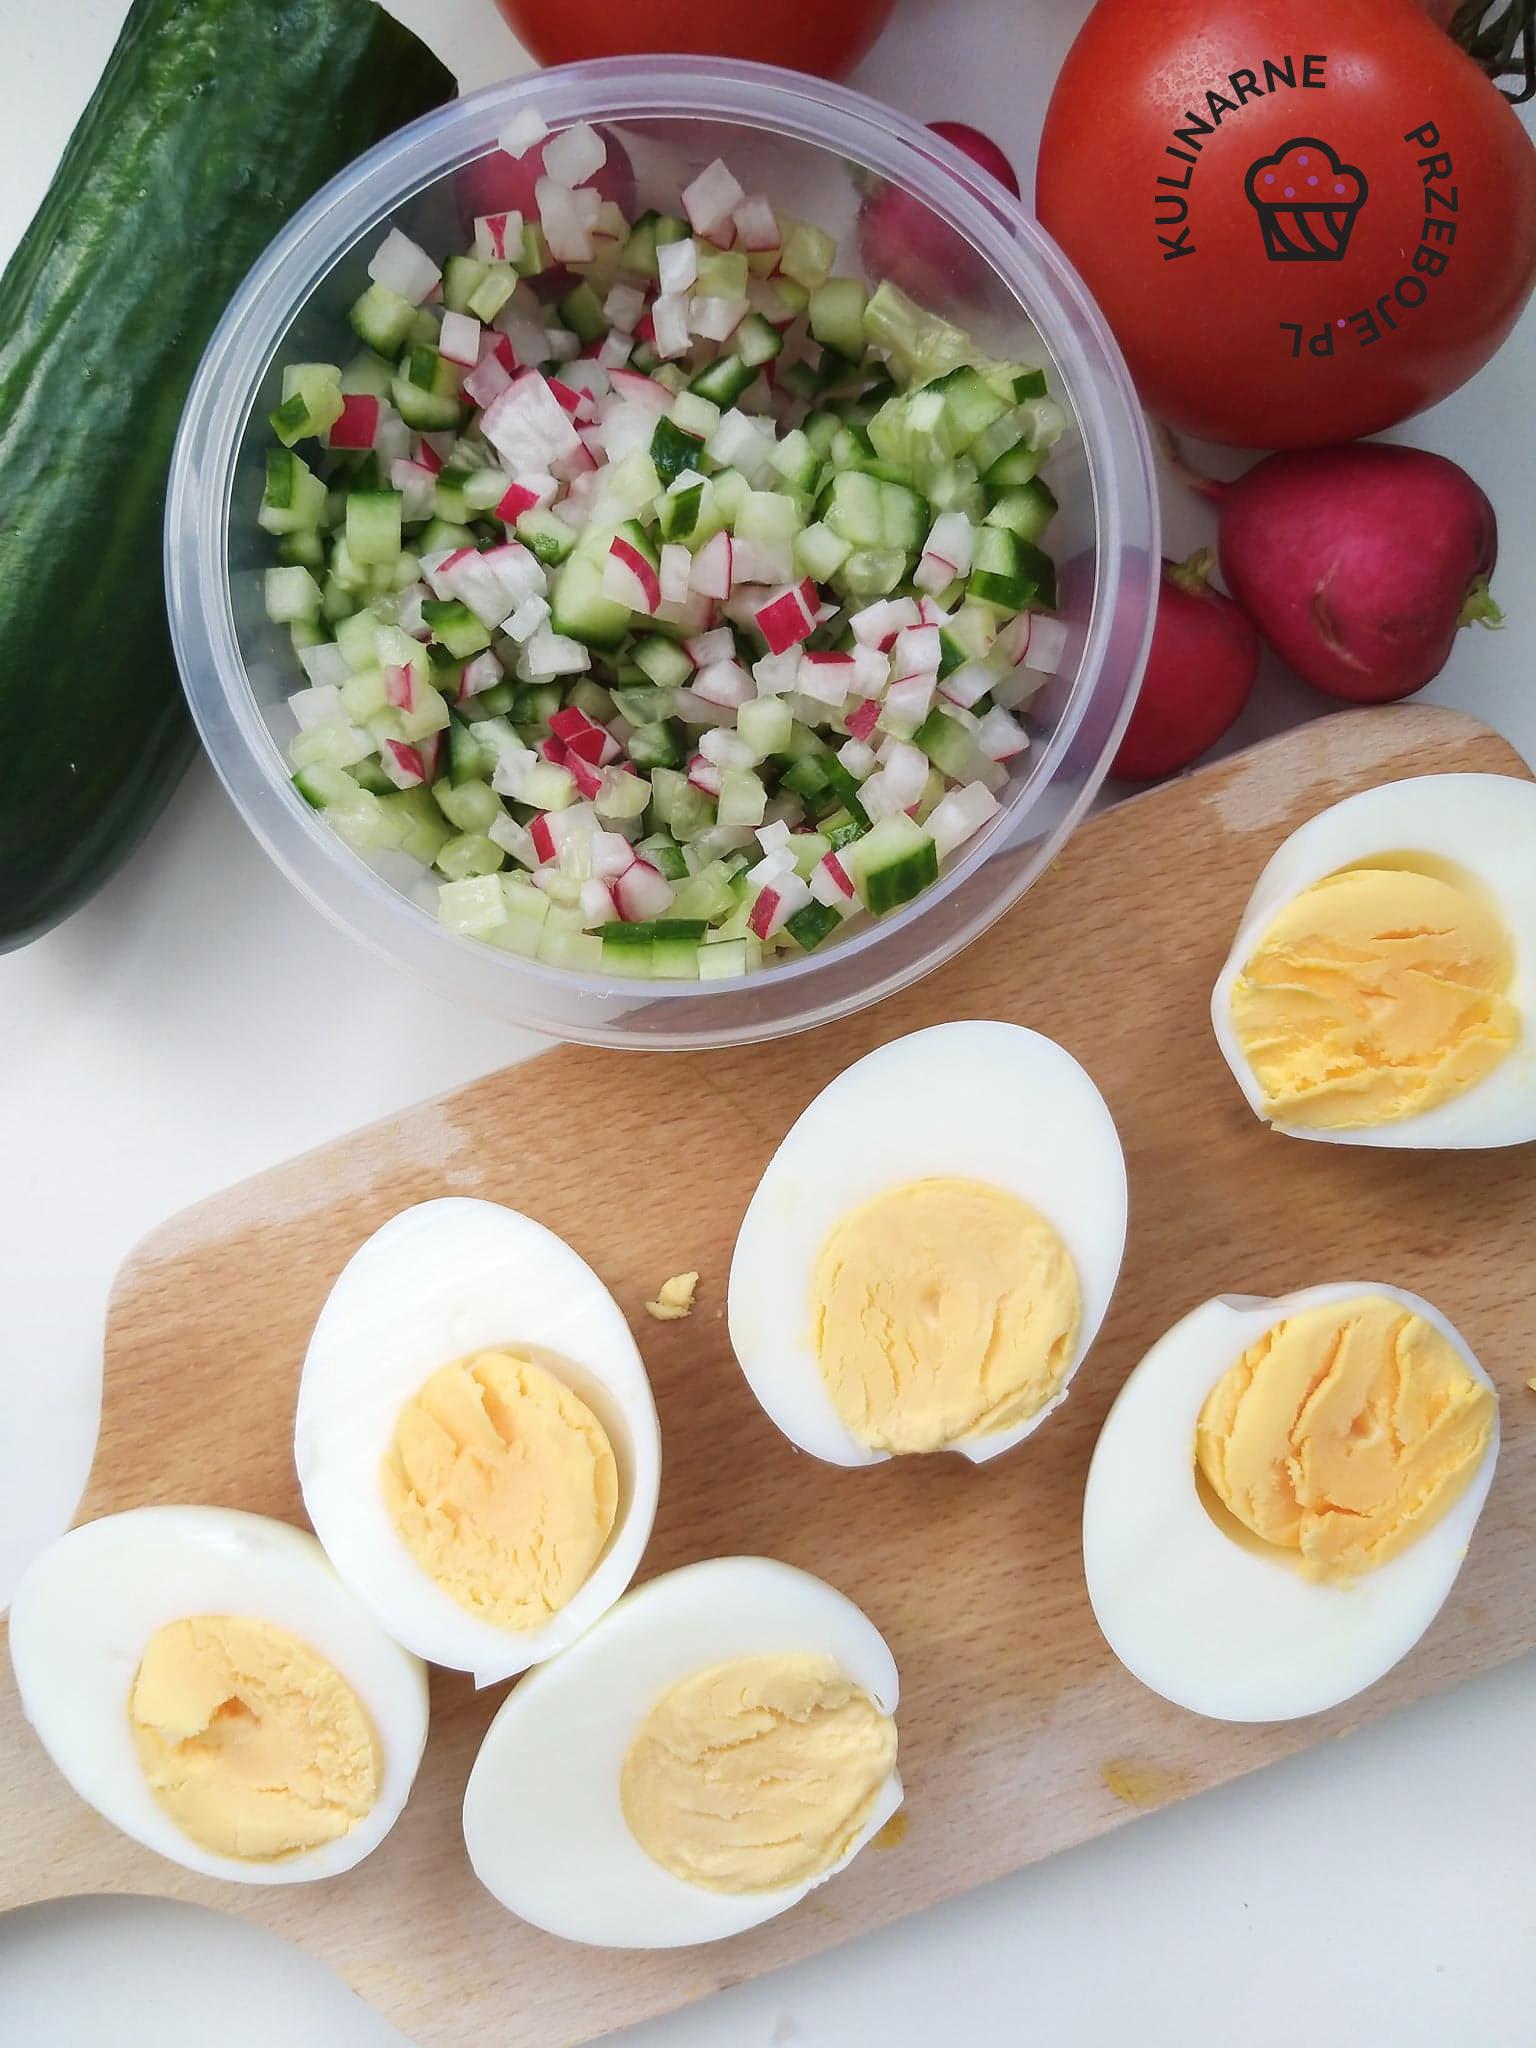 jajka na wielkanoc z rzodkiewką